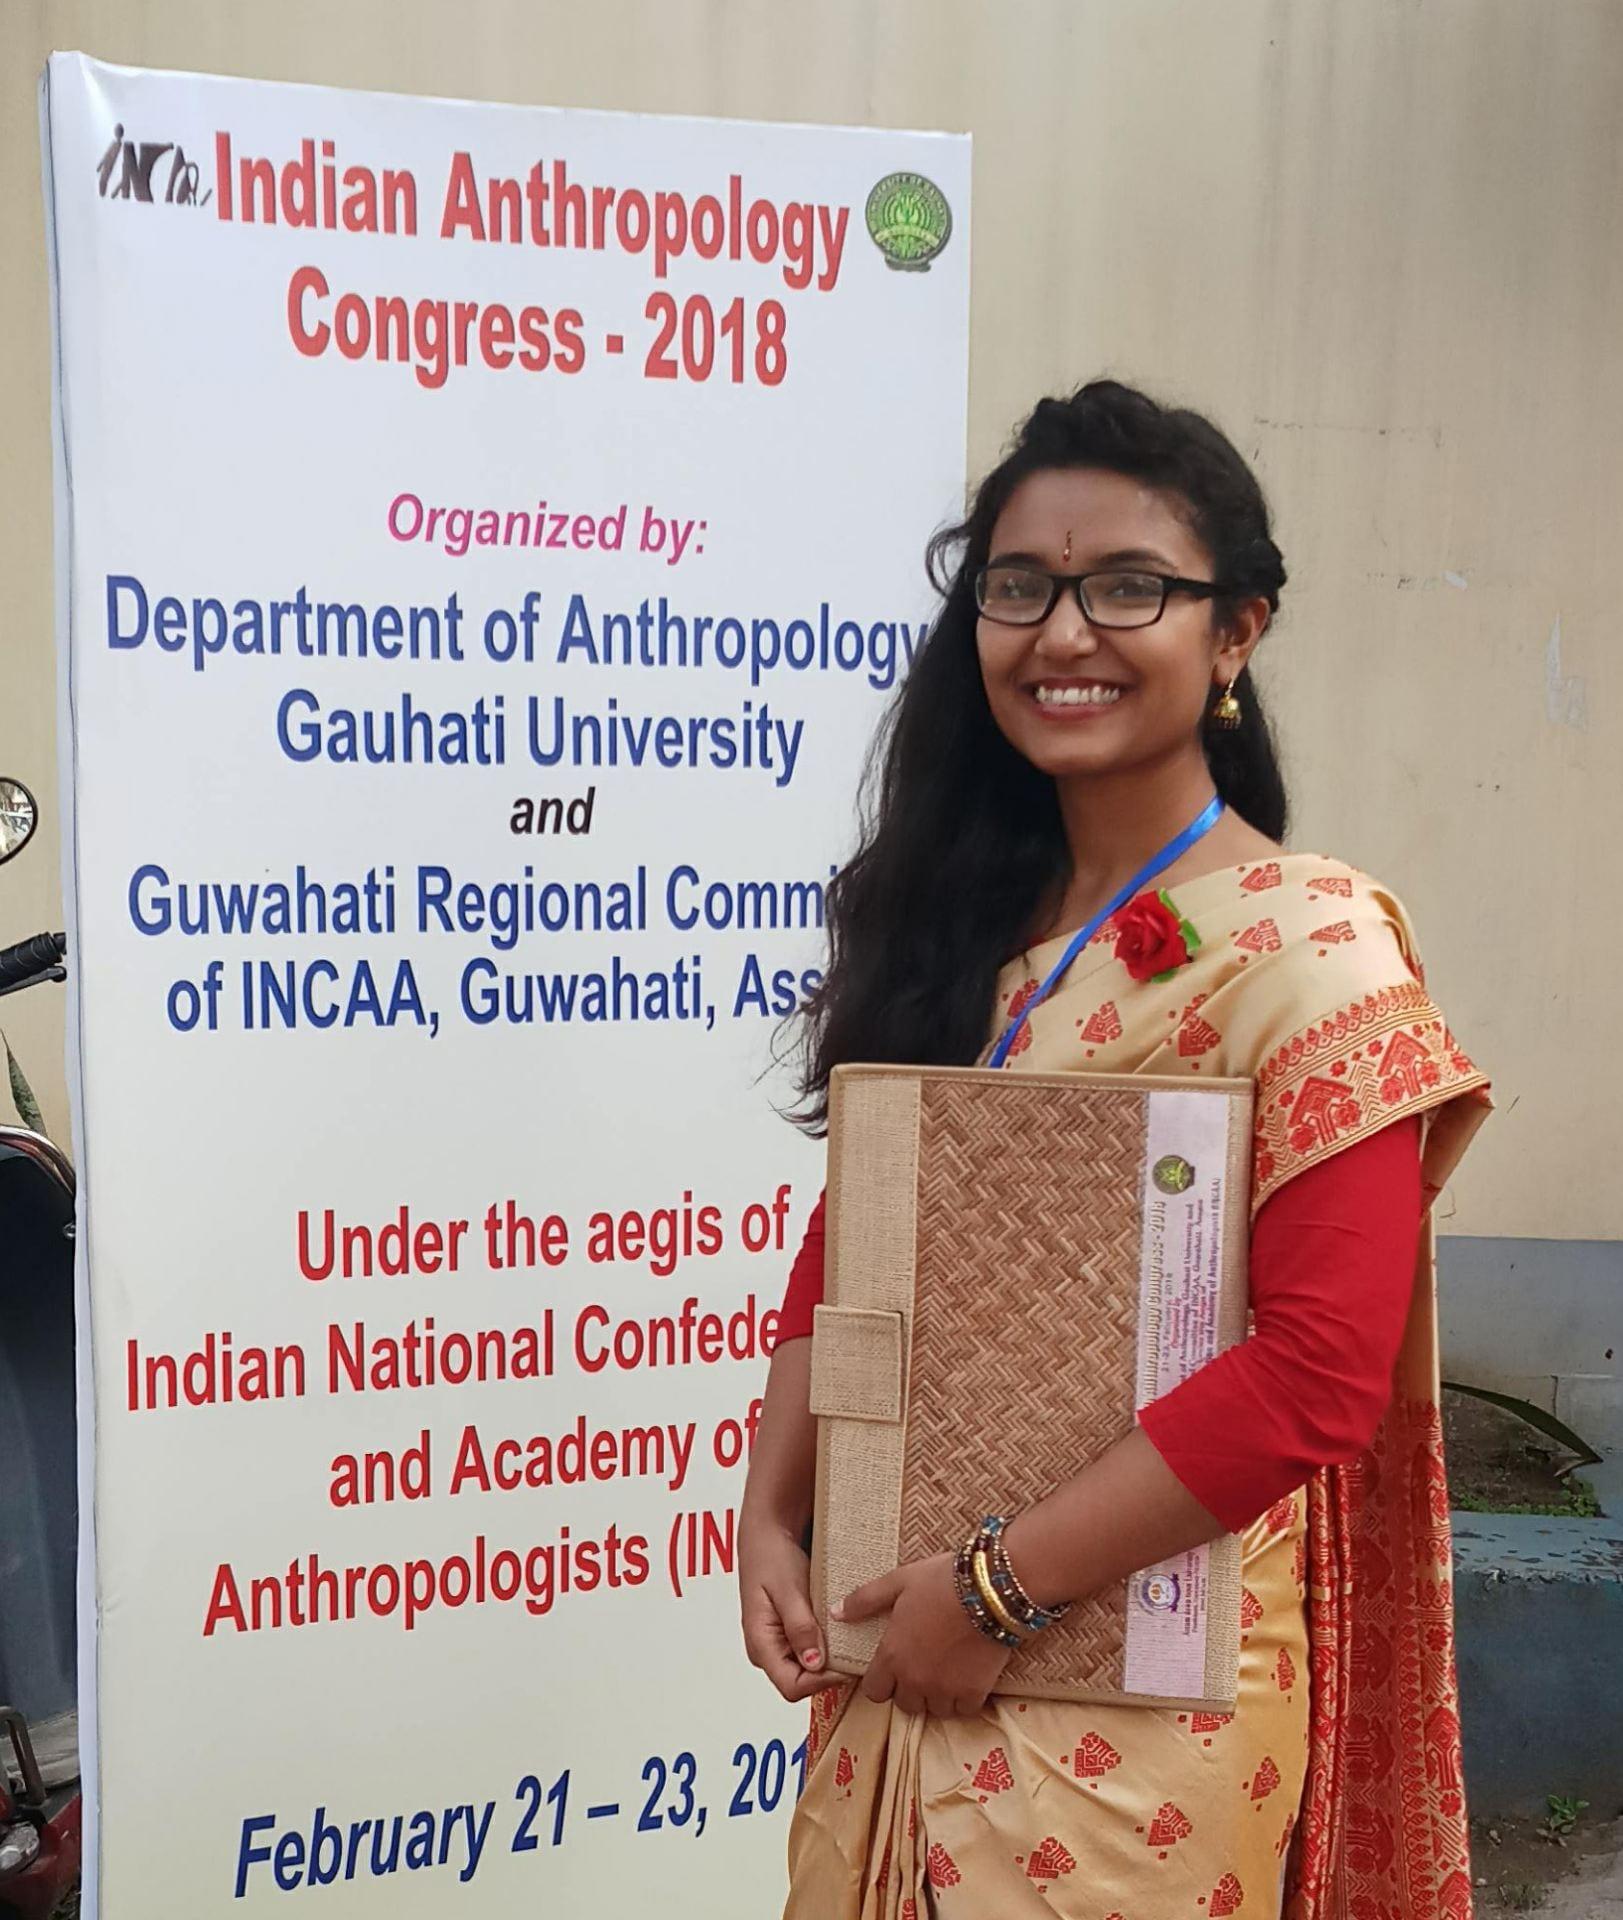 Paramita Choudhury